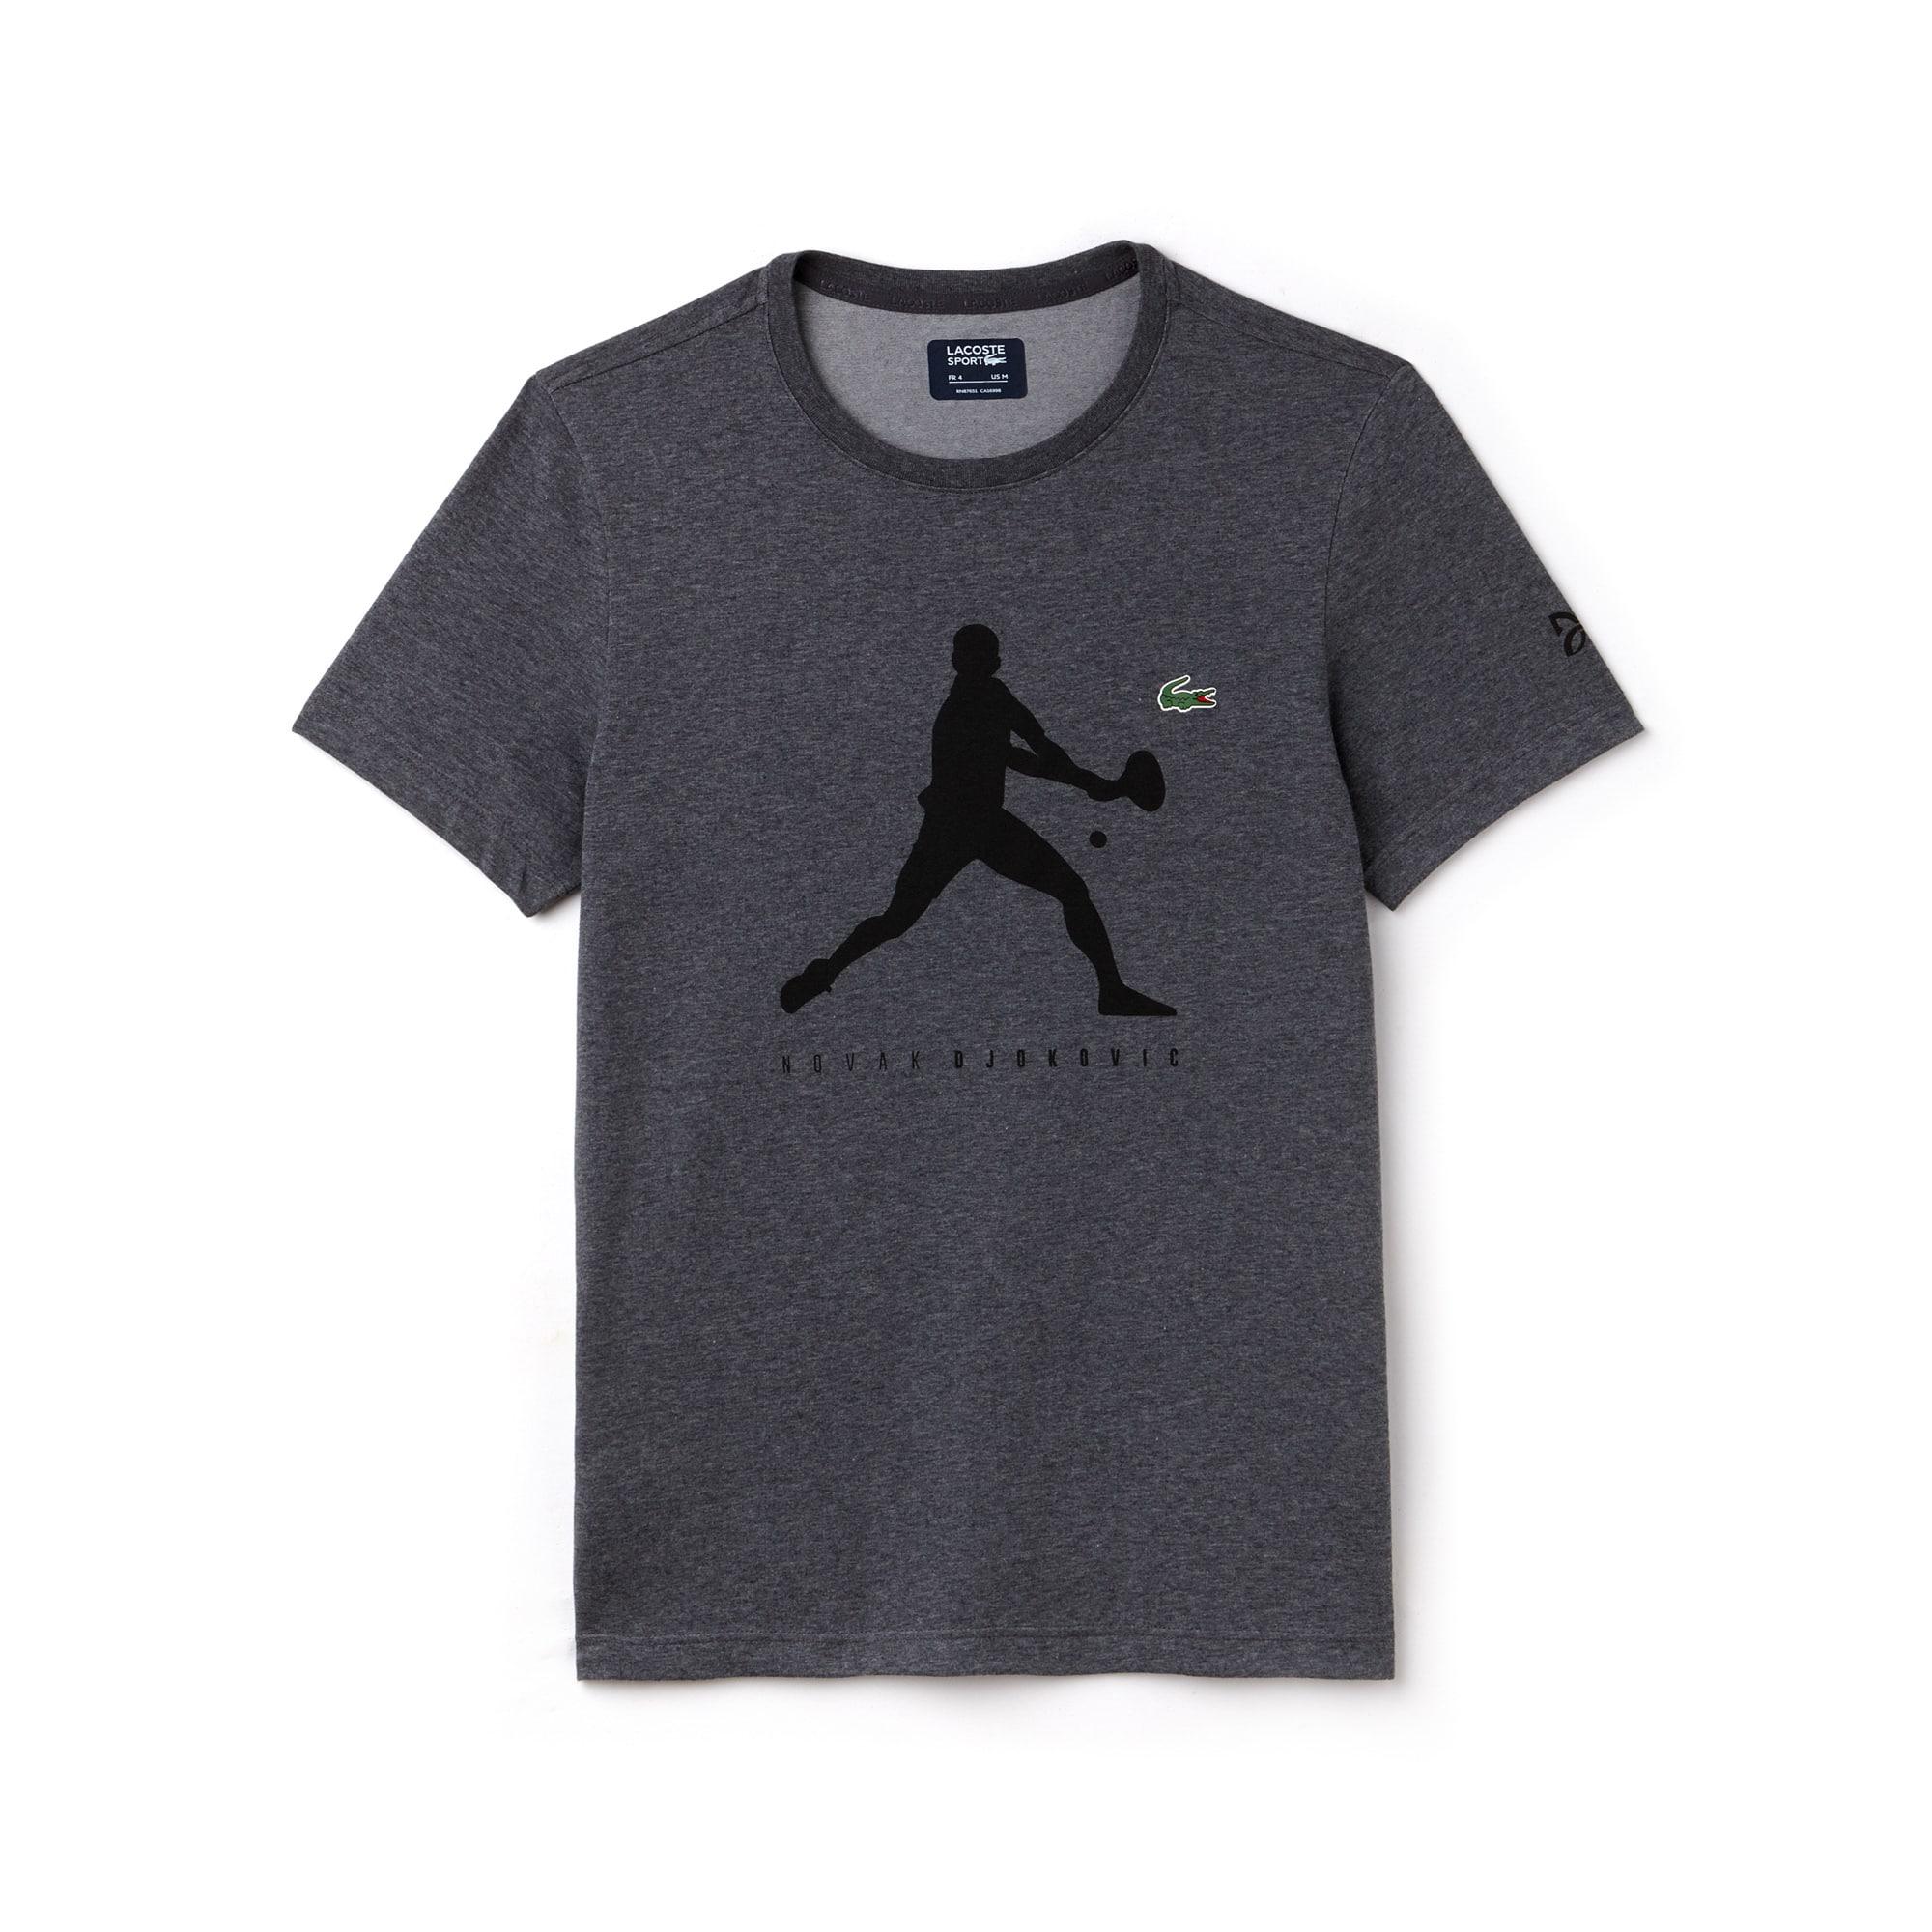 T-shirt Com Decote Redondo Em Jersey Unicolor Com Impressão - Coleção Support With Style